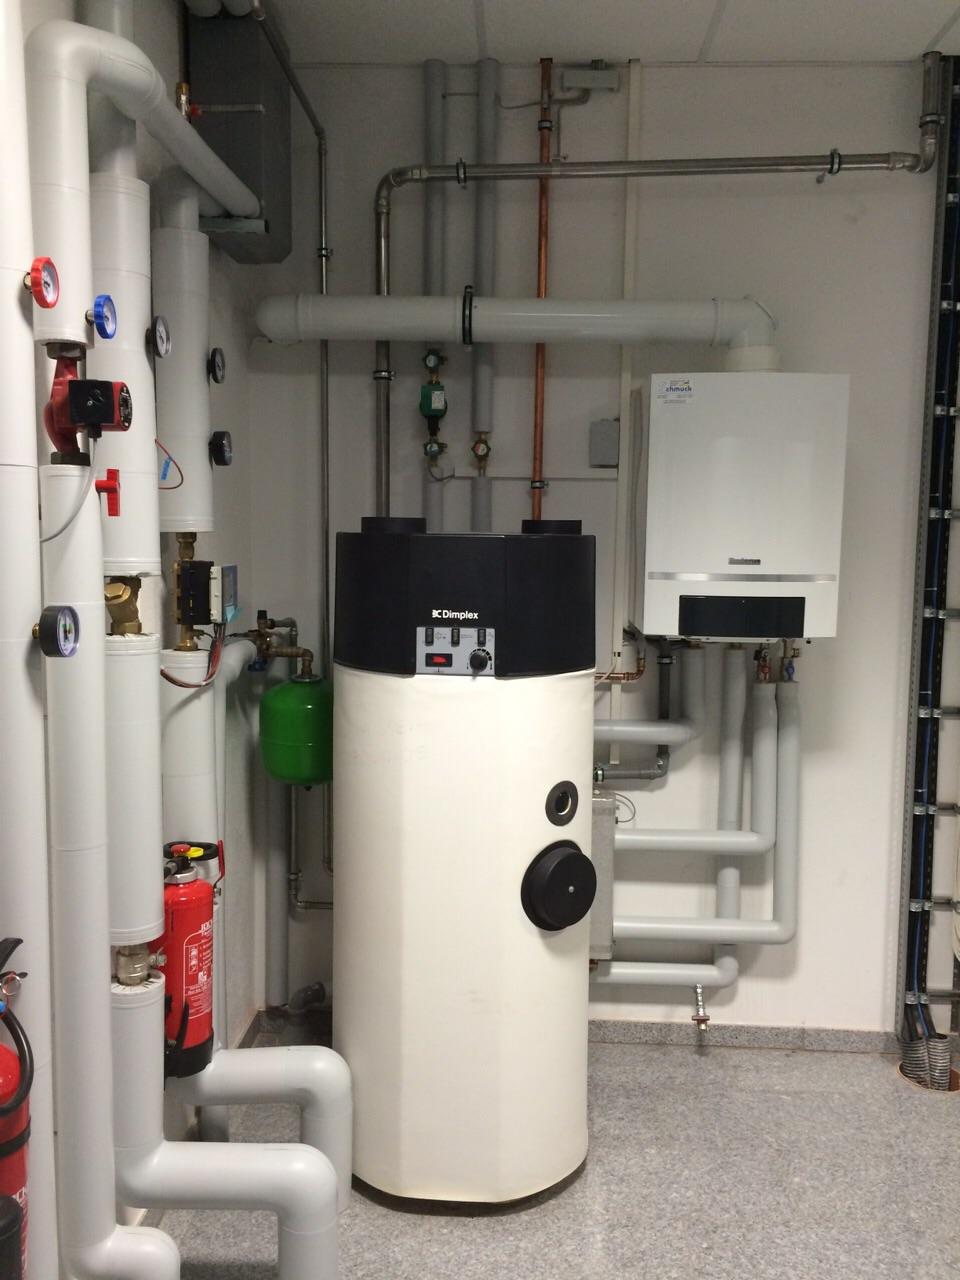 Trinkwassererwärmung durch eine Luftwärmepumpe